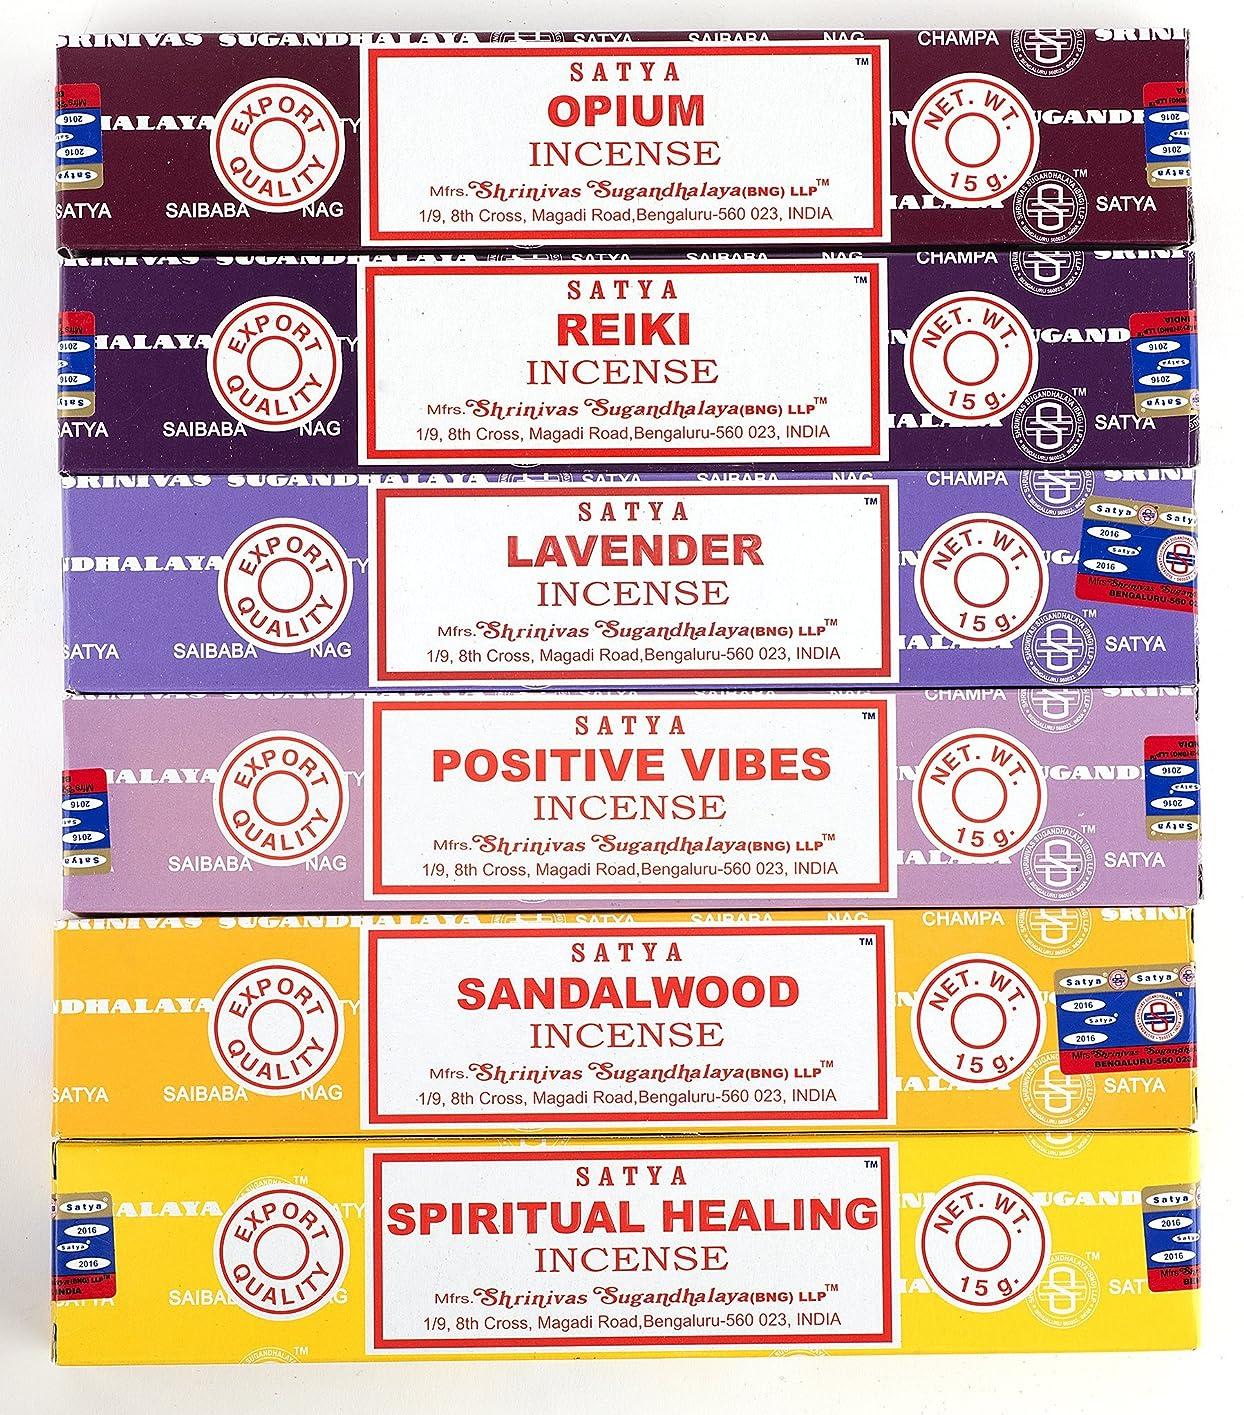 ベギンシリング吹きさらしNag Champa 6?Piece Variety Pack?–?Opium、レイキ、ラベンダー、Positive Vibes、サンダルウッド、Spiritual Healing